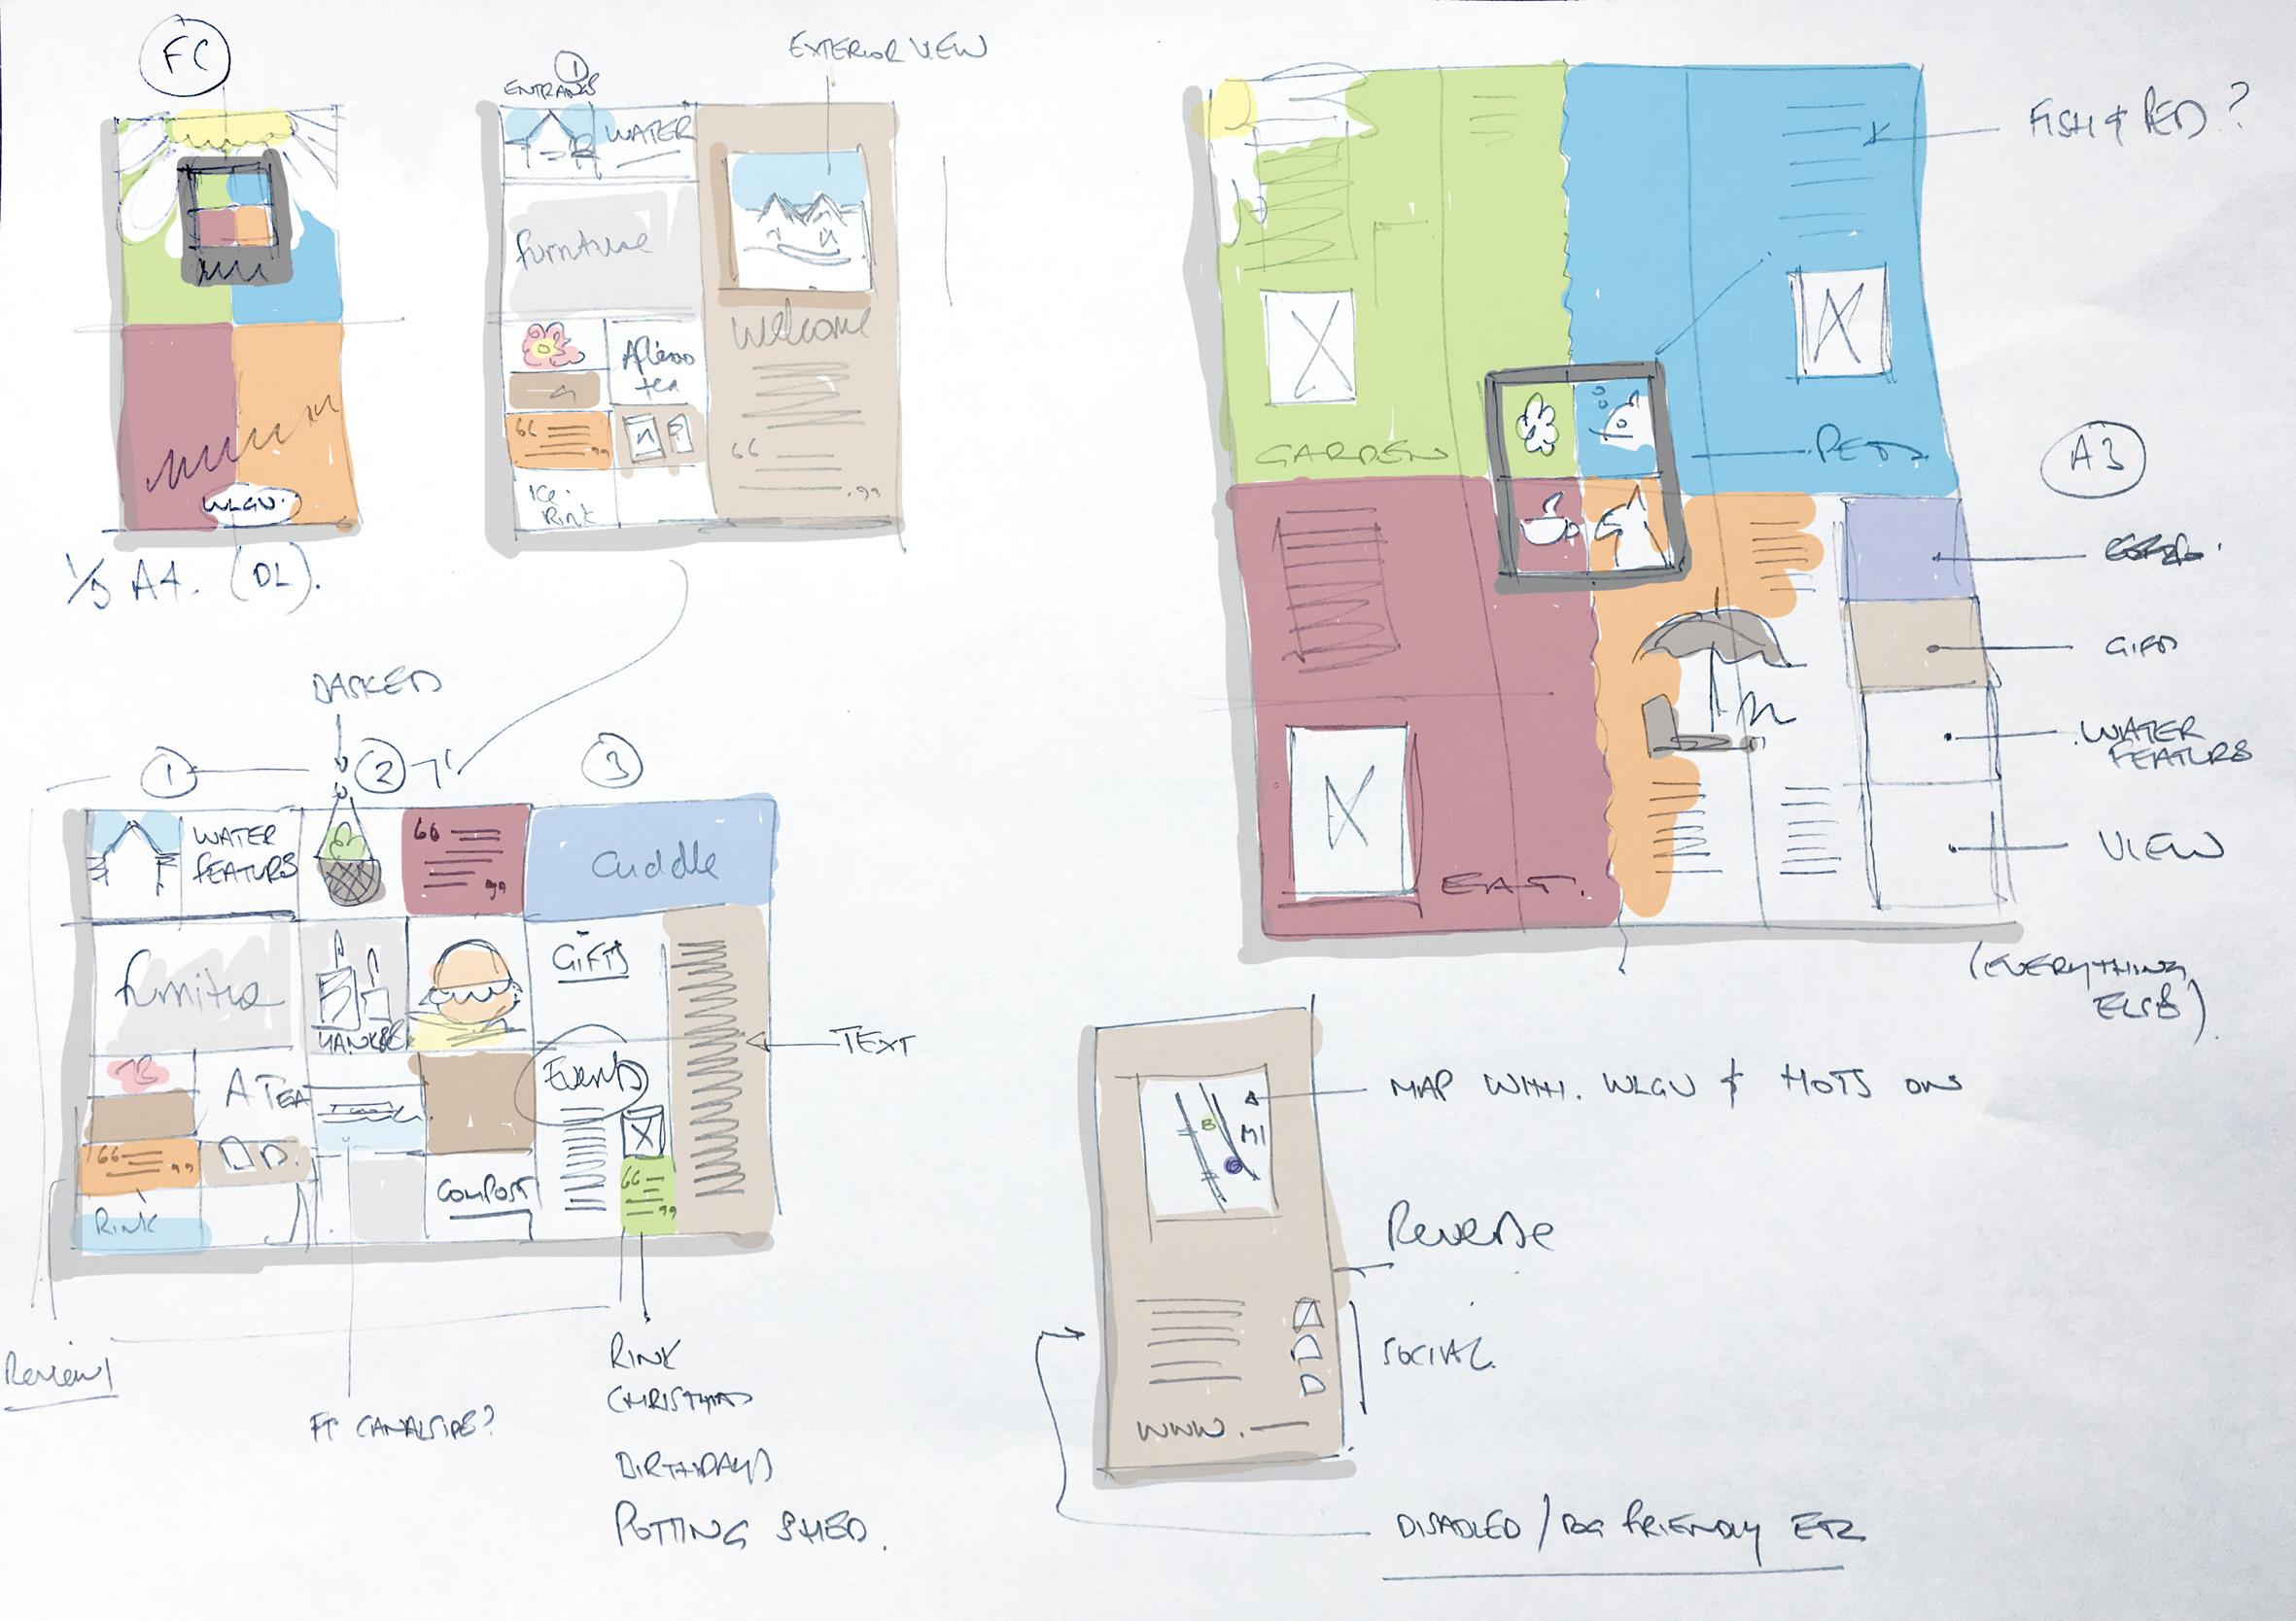 leaflet design rugby